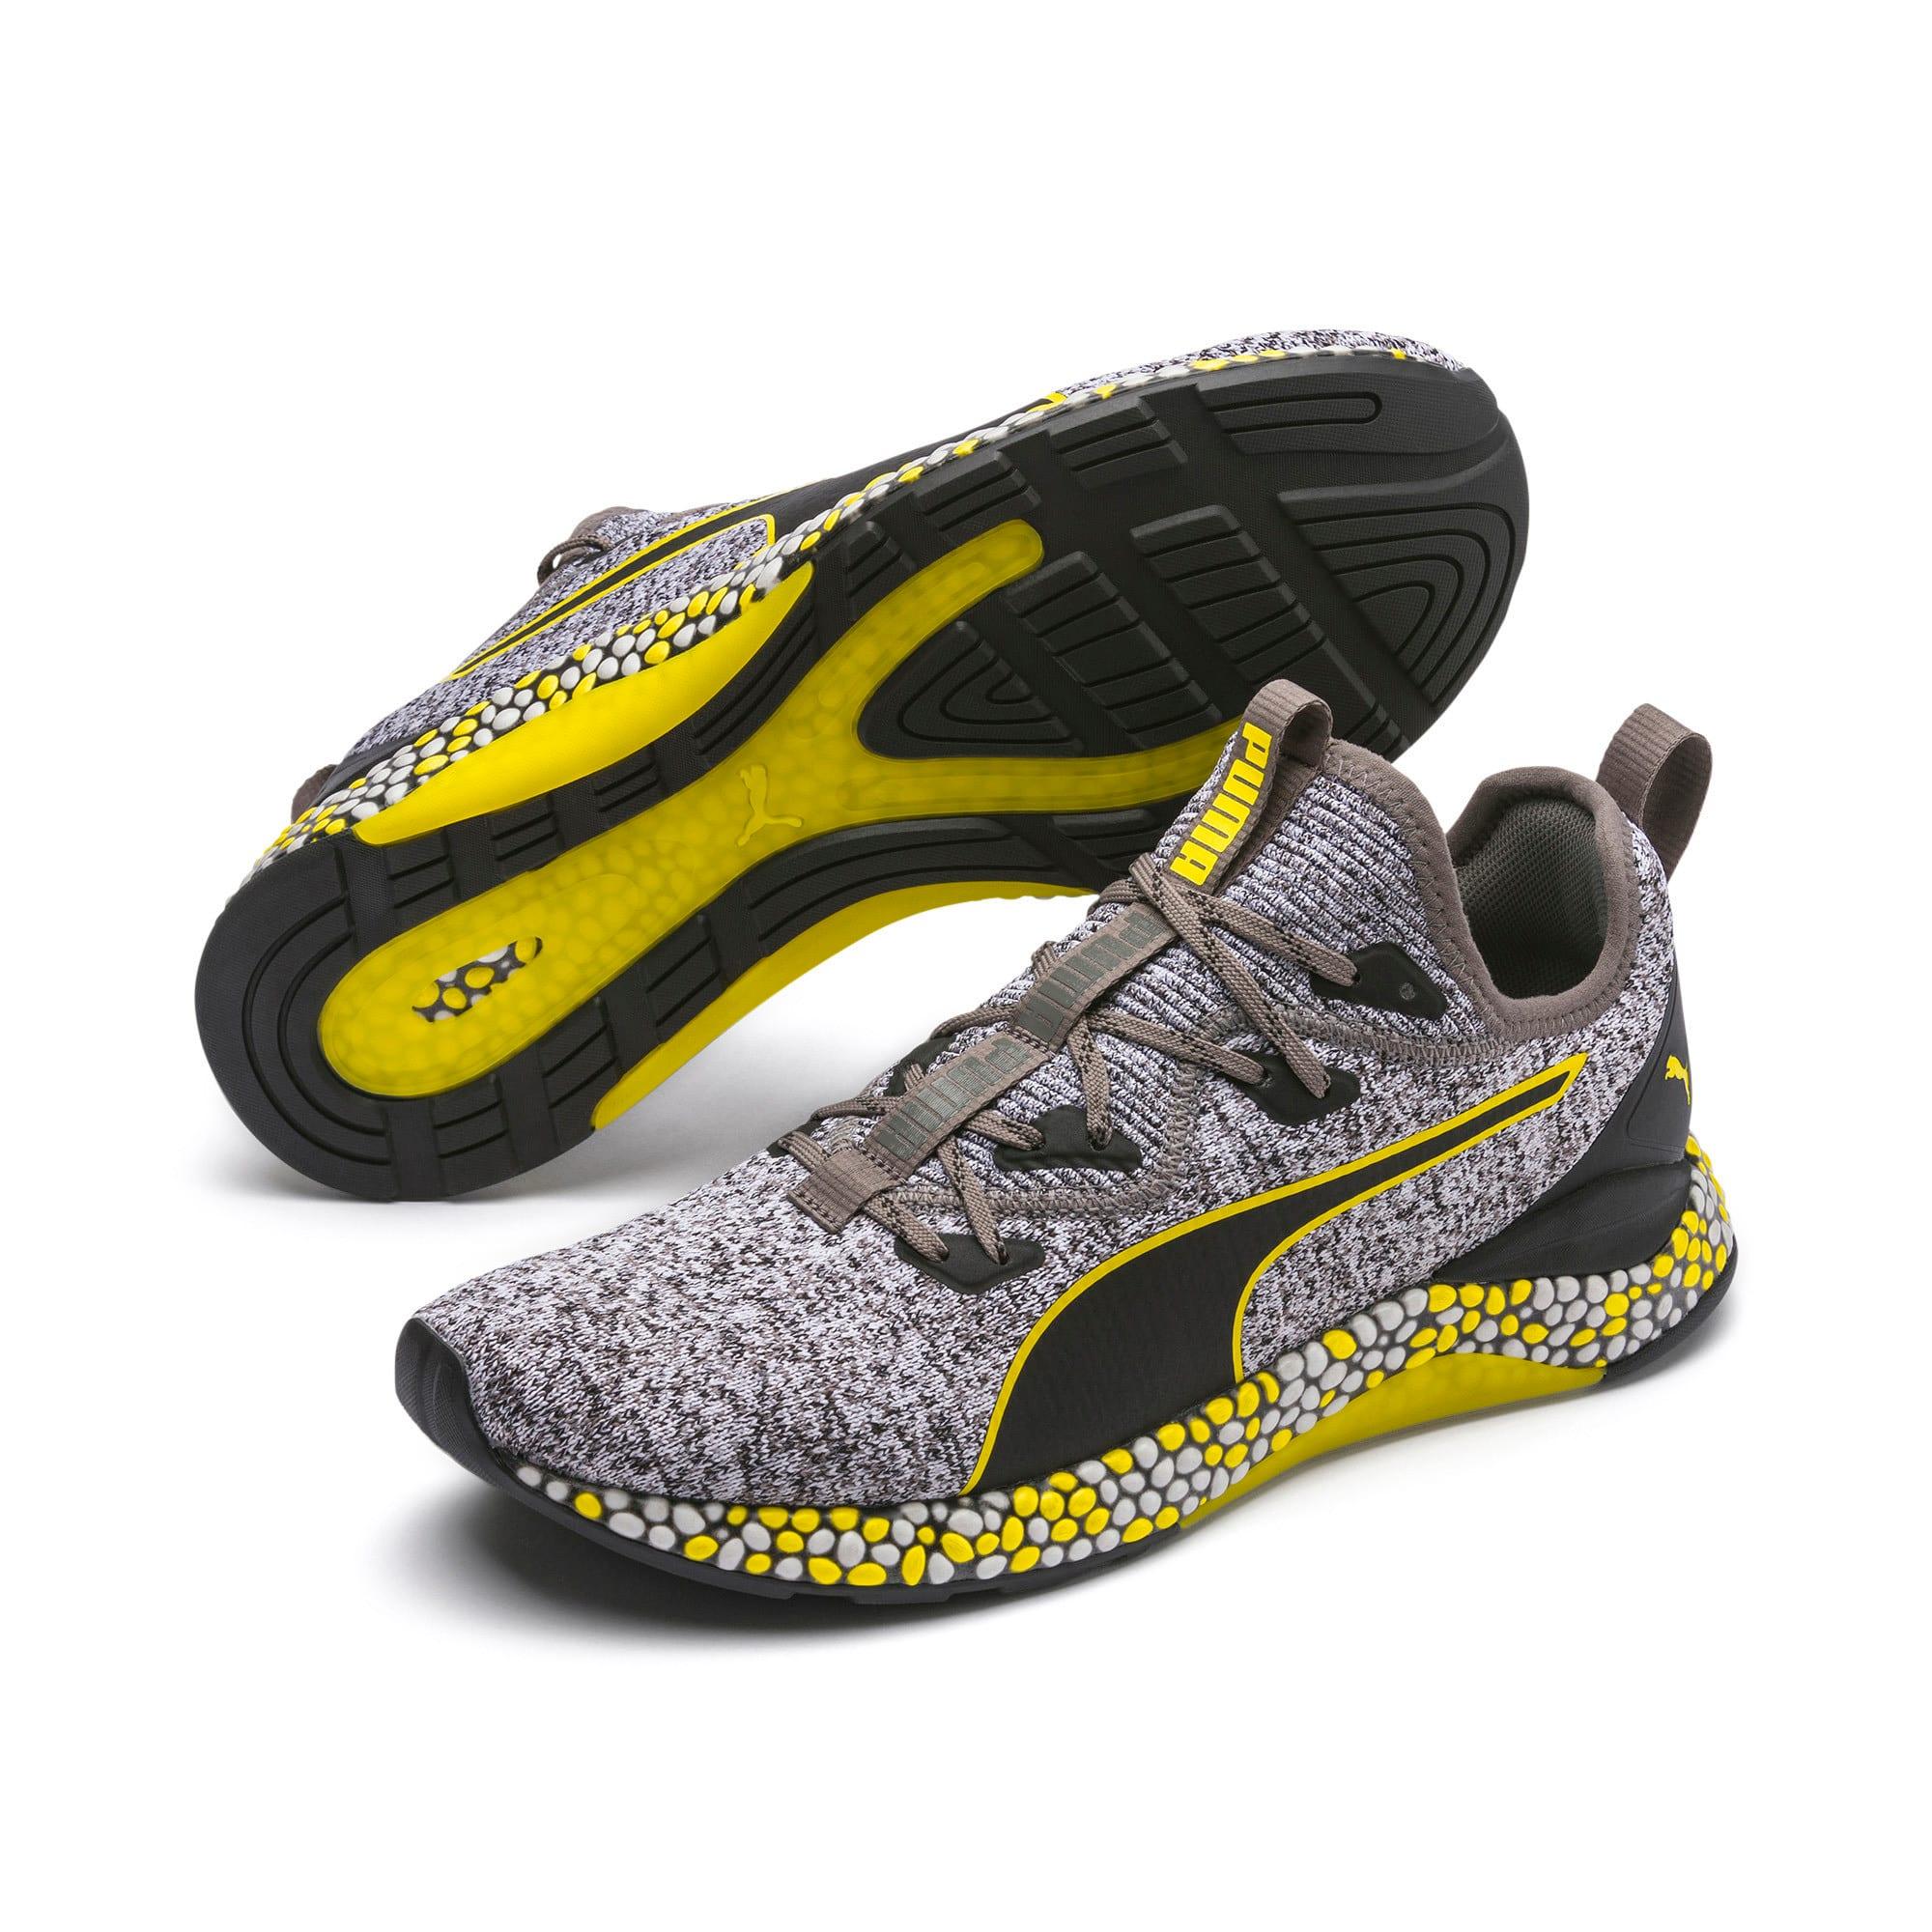 Thumbnail 2 of Scarpe Running Hybrid Runner uomo, Black-White-Blazing Yellow, medium